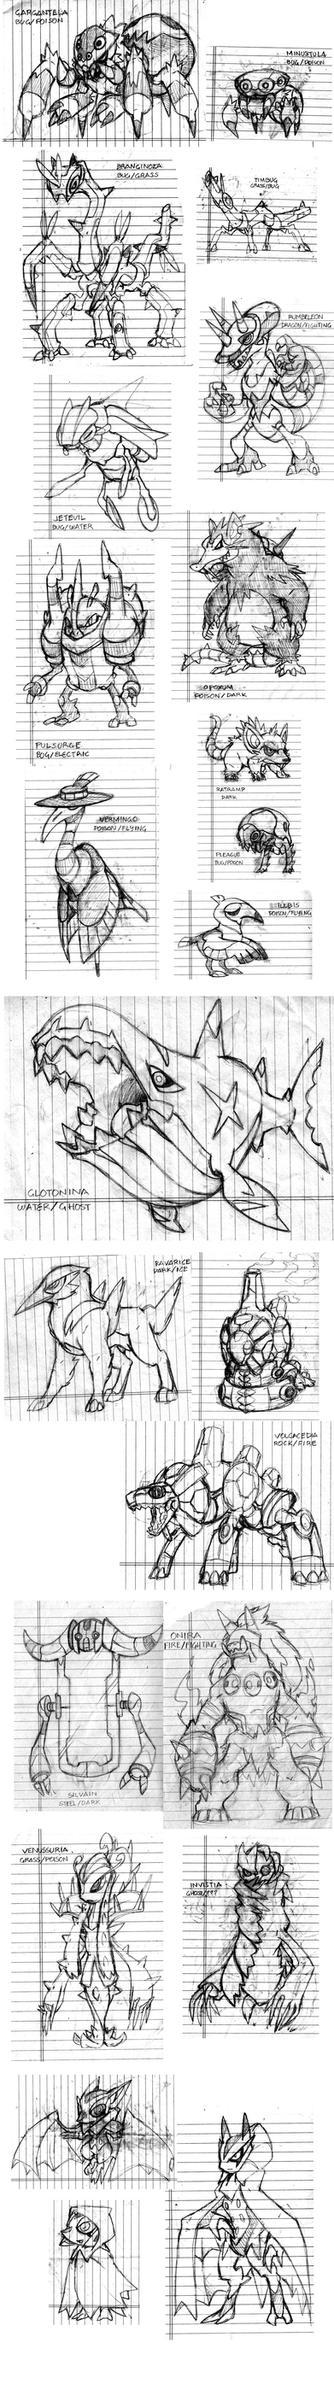 Fakemon Remake Sketchdump by Darksilvania